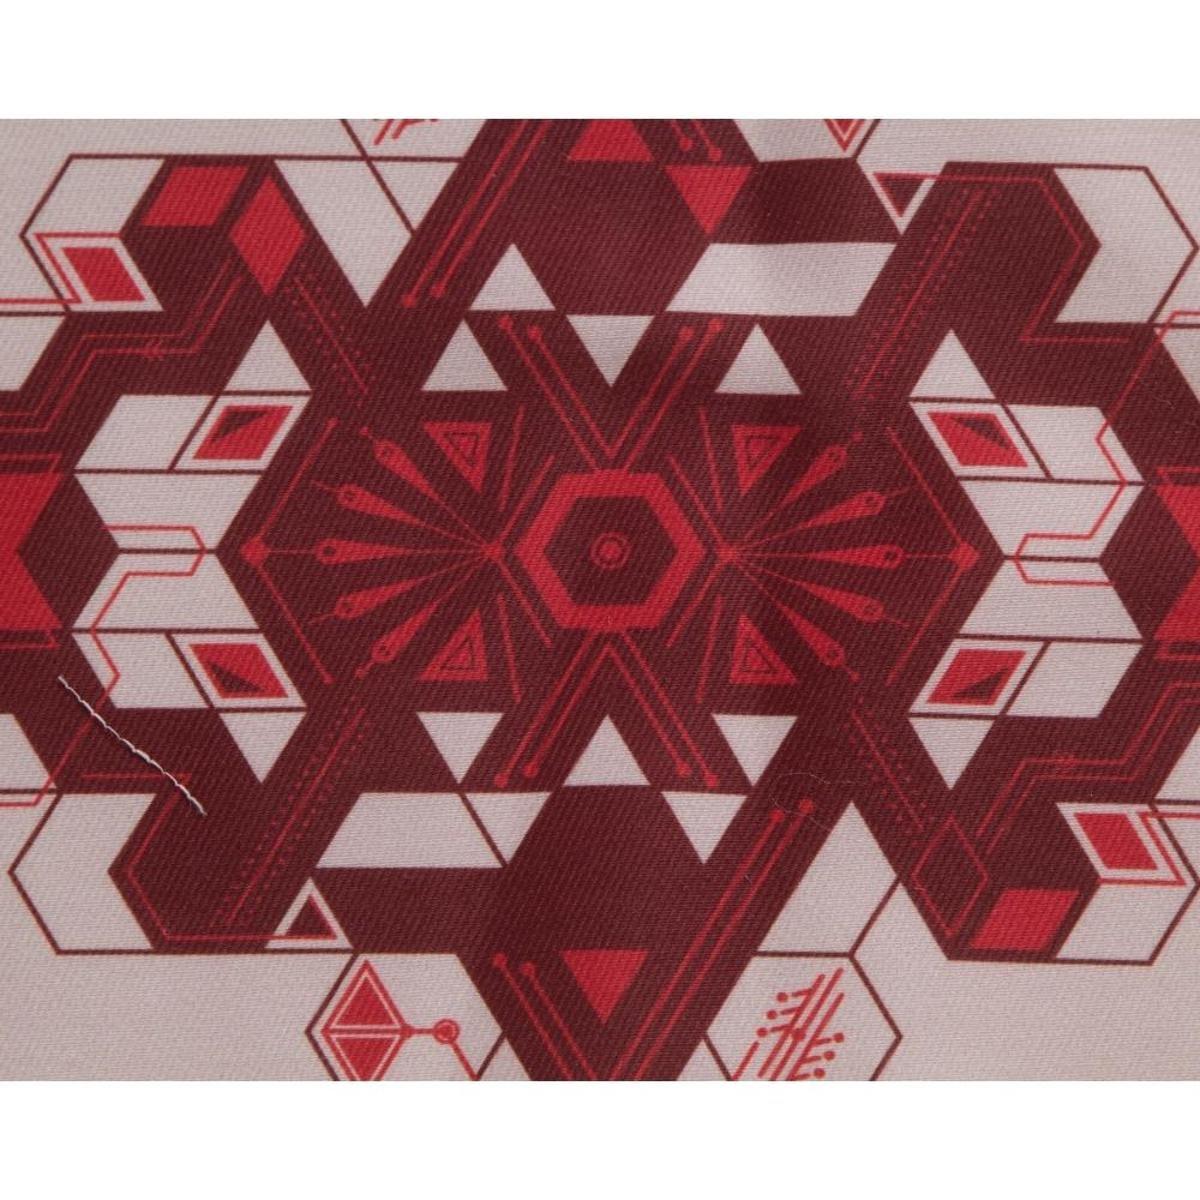 Jogo Americano Magio - 4 Peças - Compre Agora  f5b08f402d7